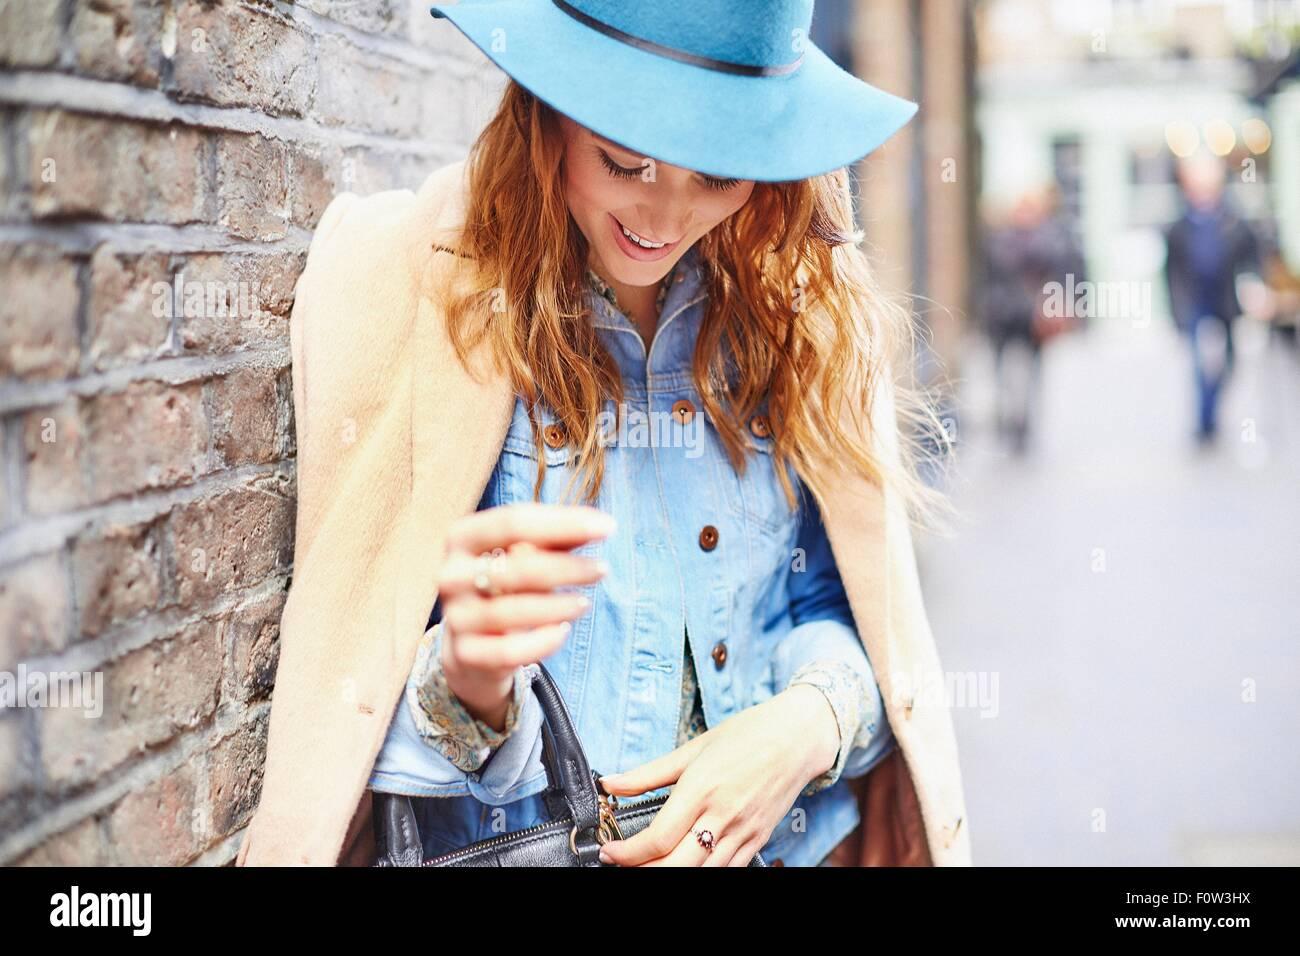 Stylish young female shopper fastening handbag, London, UK - Stock Image